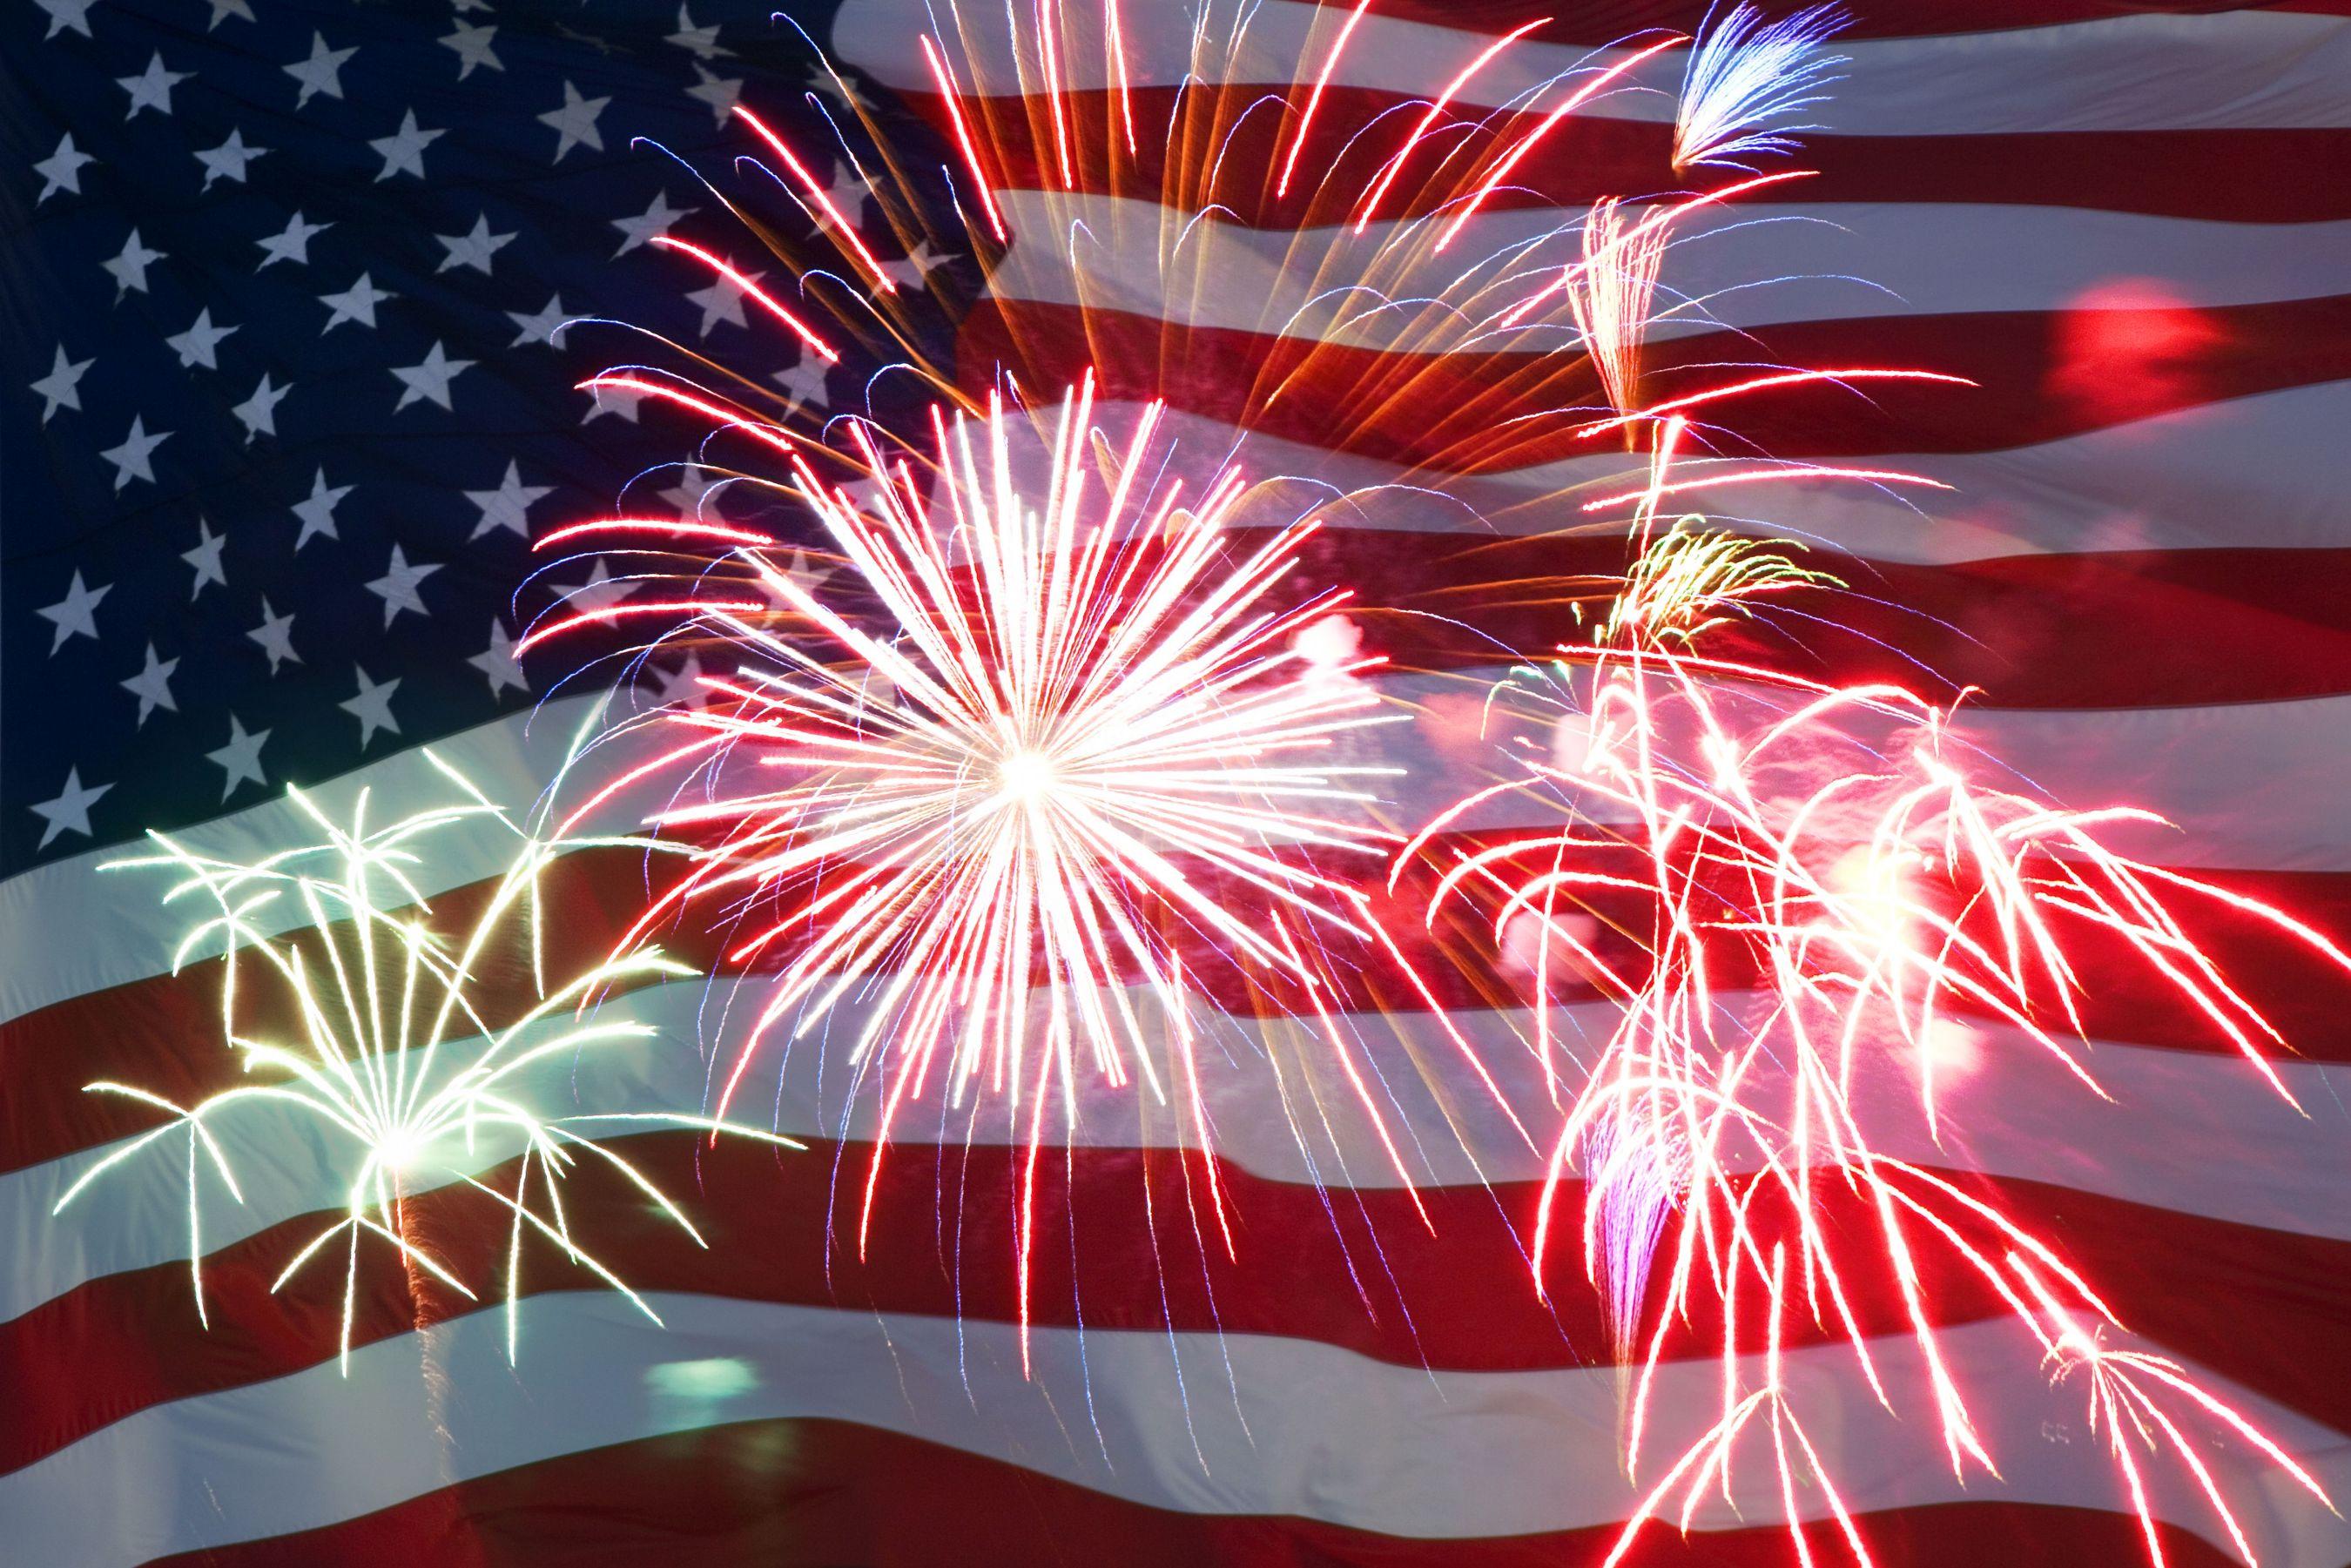 Image result for Fireworks america image